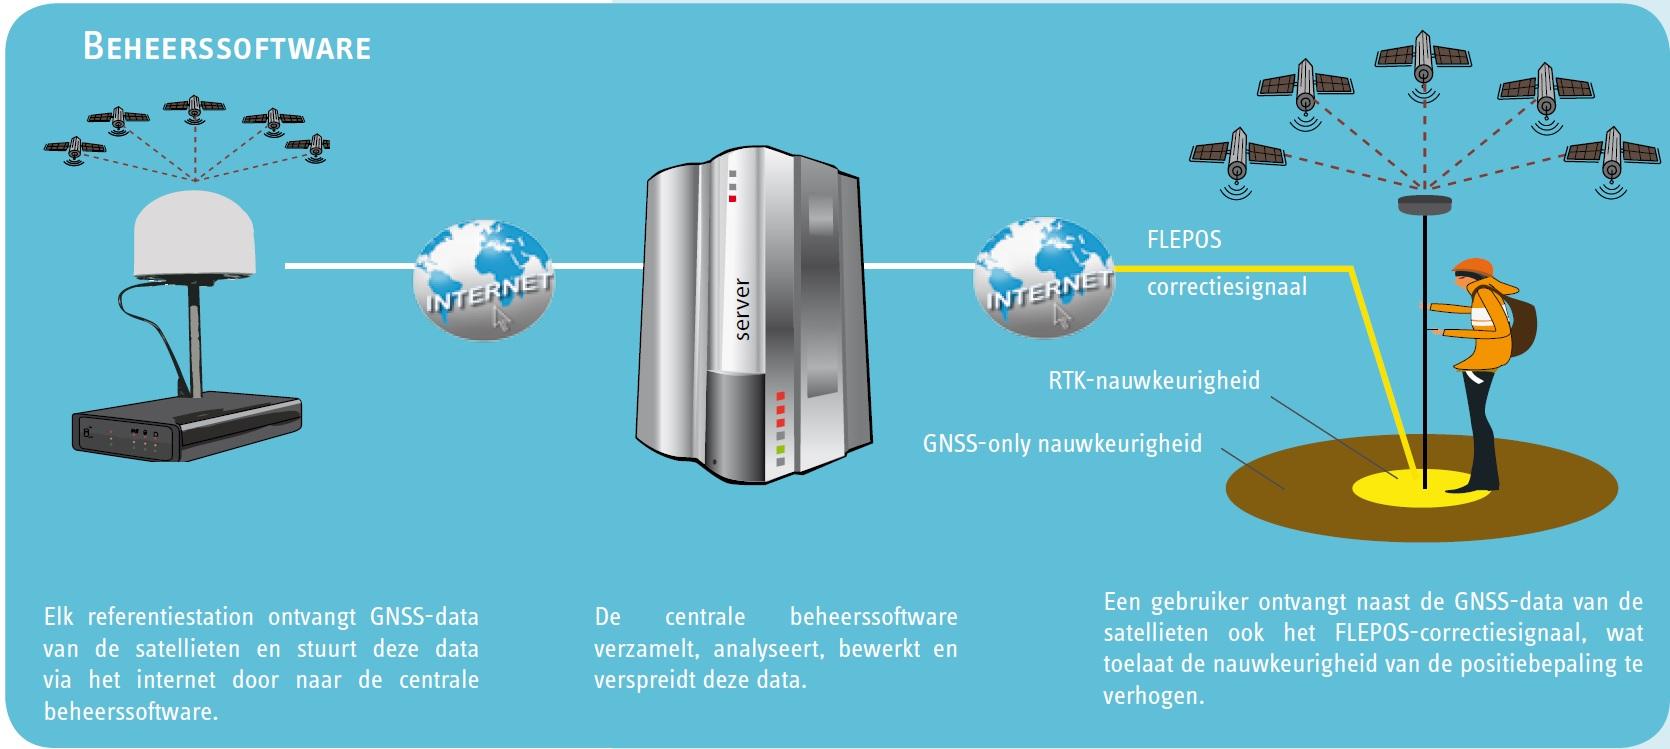 een overzicht van de netwerkstructuur van Flepos